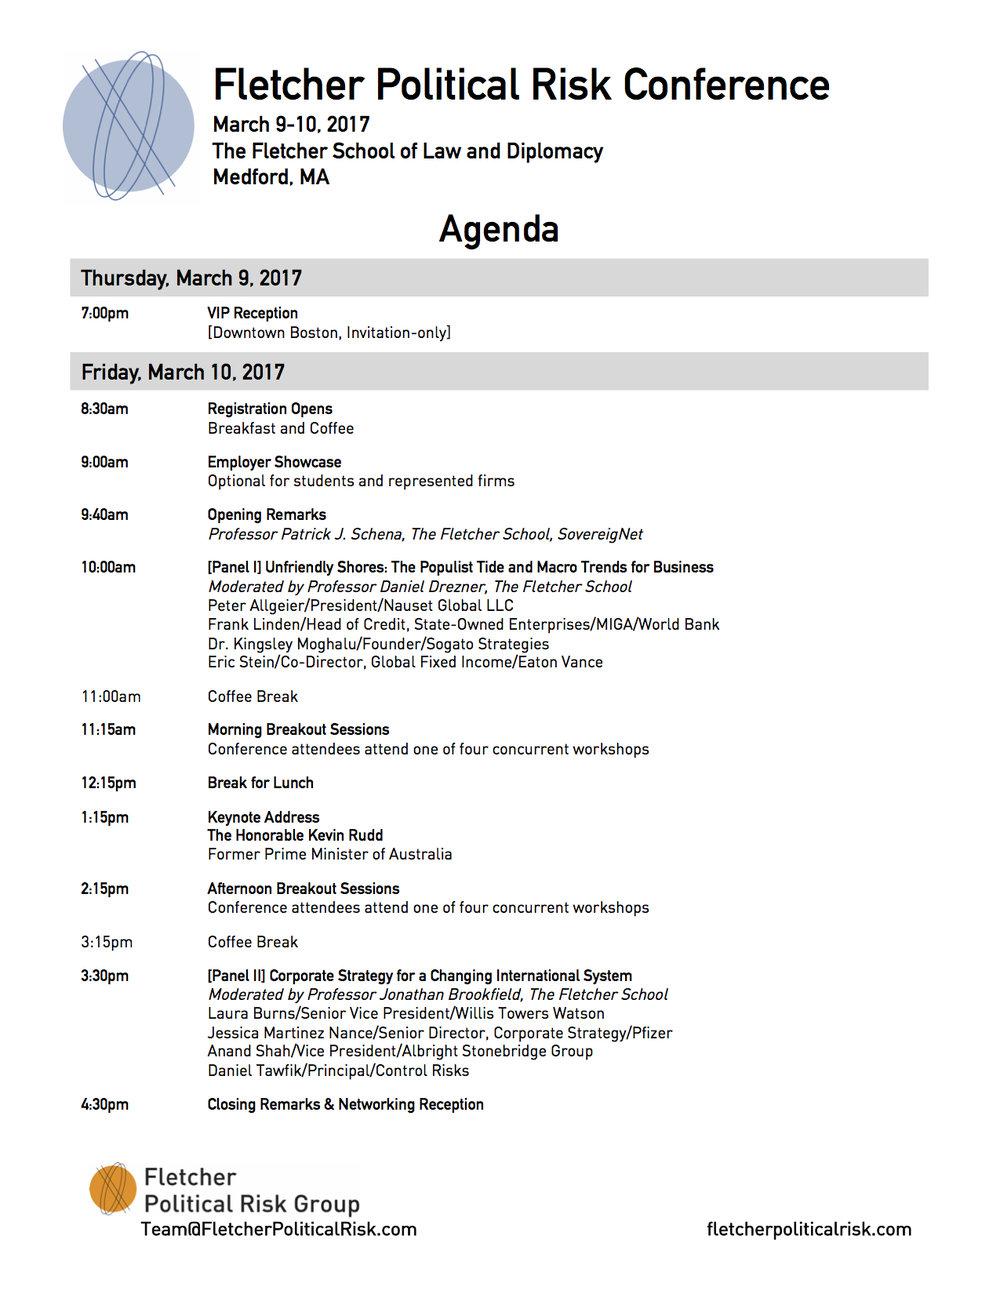 Agenda_2017v.1.jpg